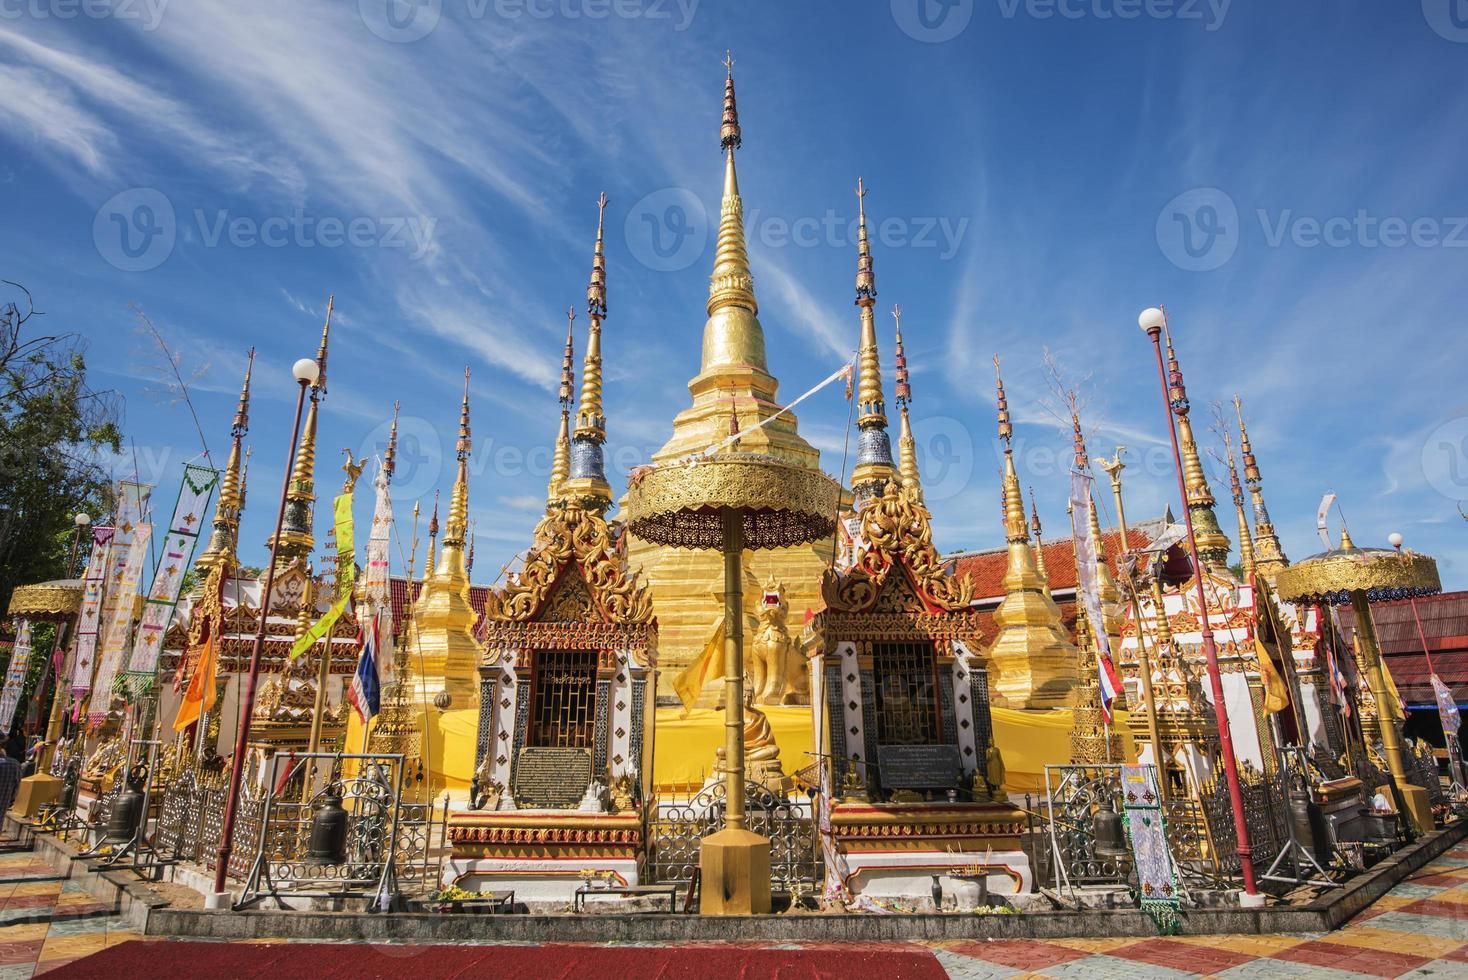 gyllene pagoda och blå himmel. foto